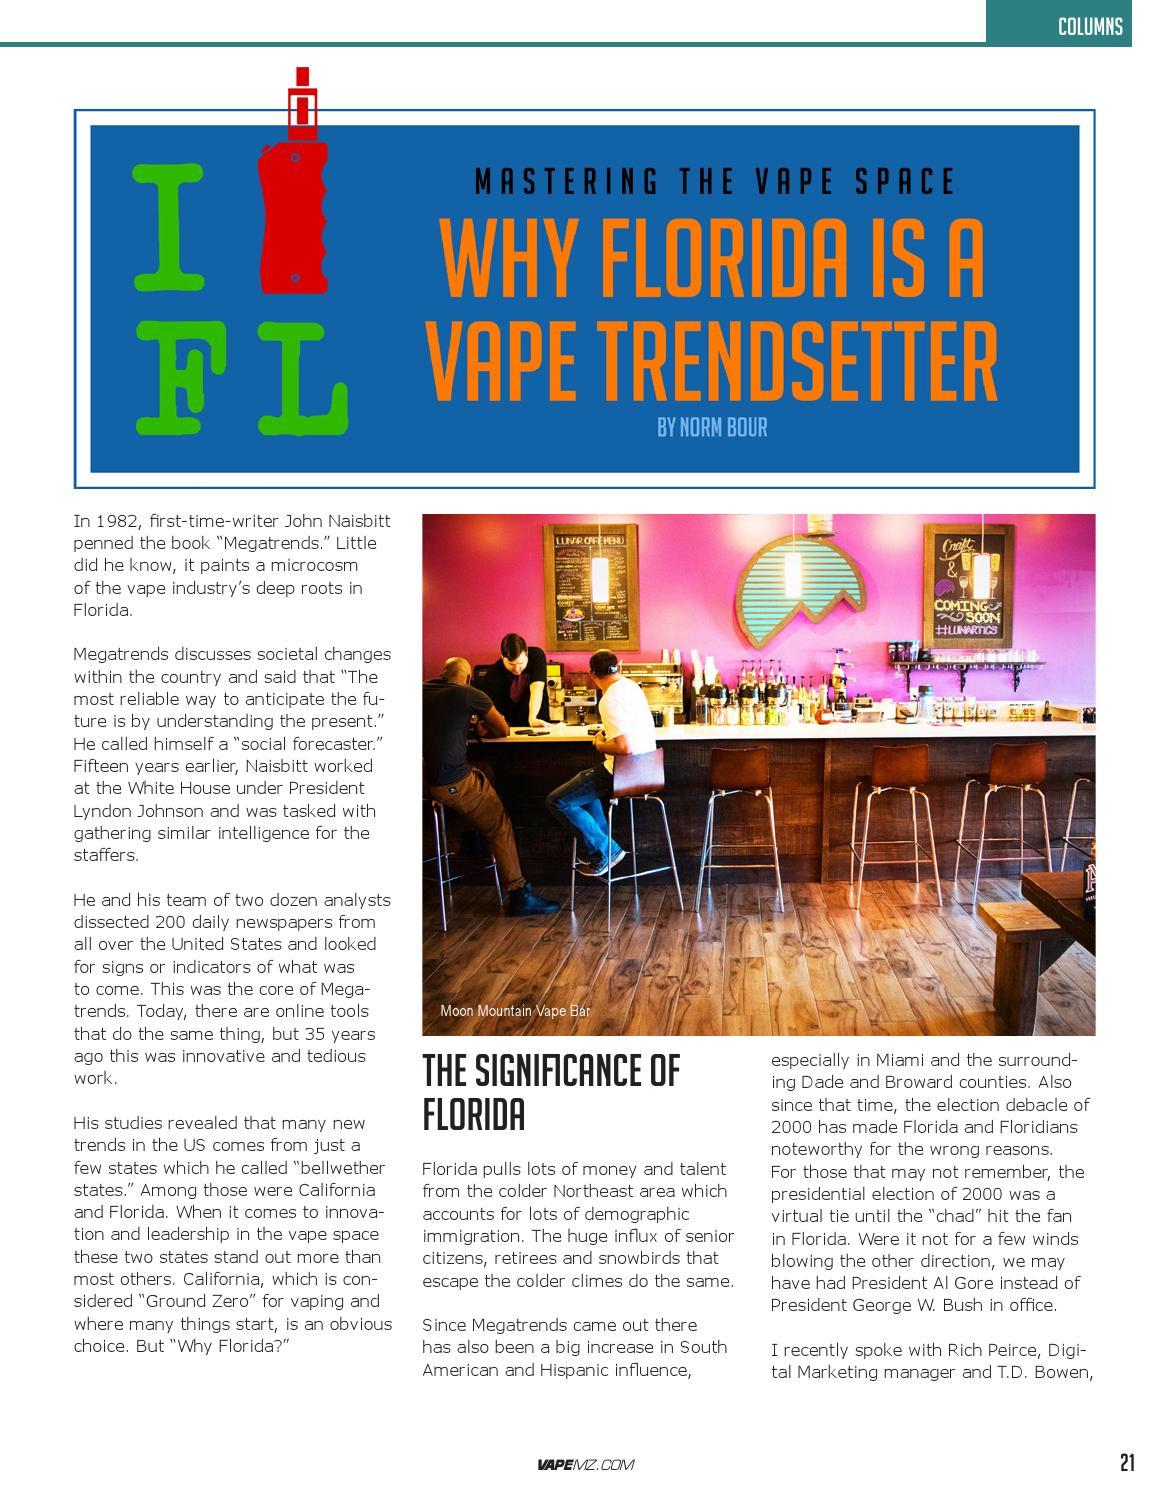 VAPE Magazine April 2016 by Matt Schramel - issuu